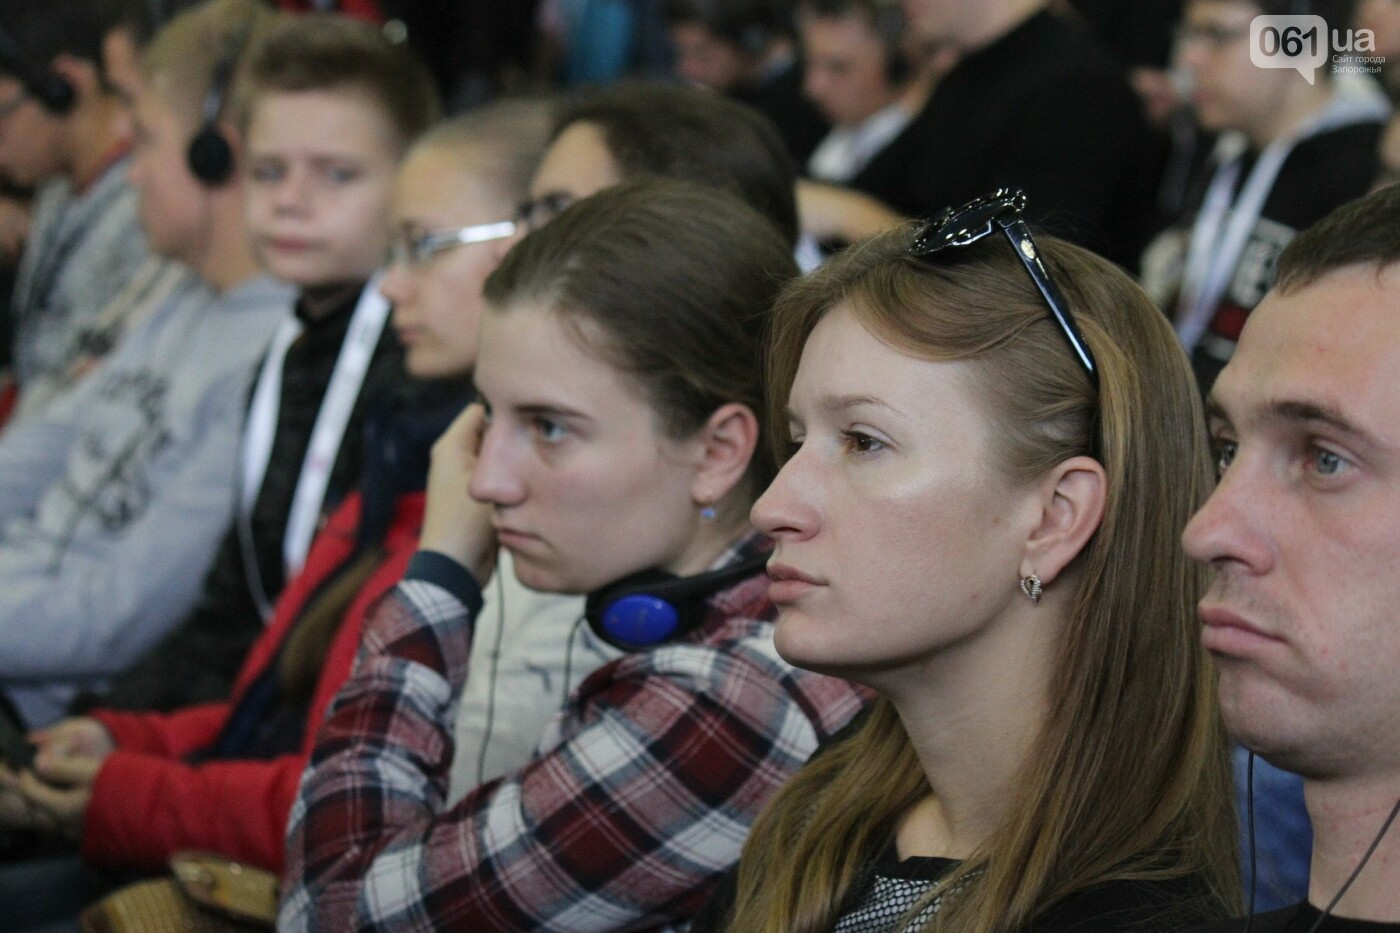 Роботы, киберспорт и спикеры-иностранцы: в Запорожье начался International IT Forum, – ФОТОРЕПОРТАЖ, фото-10